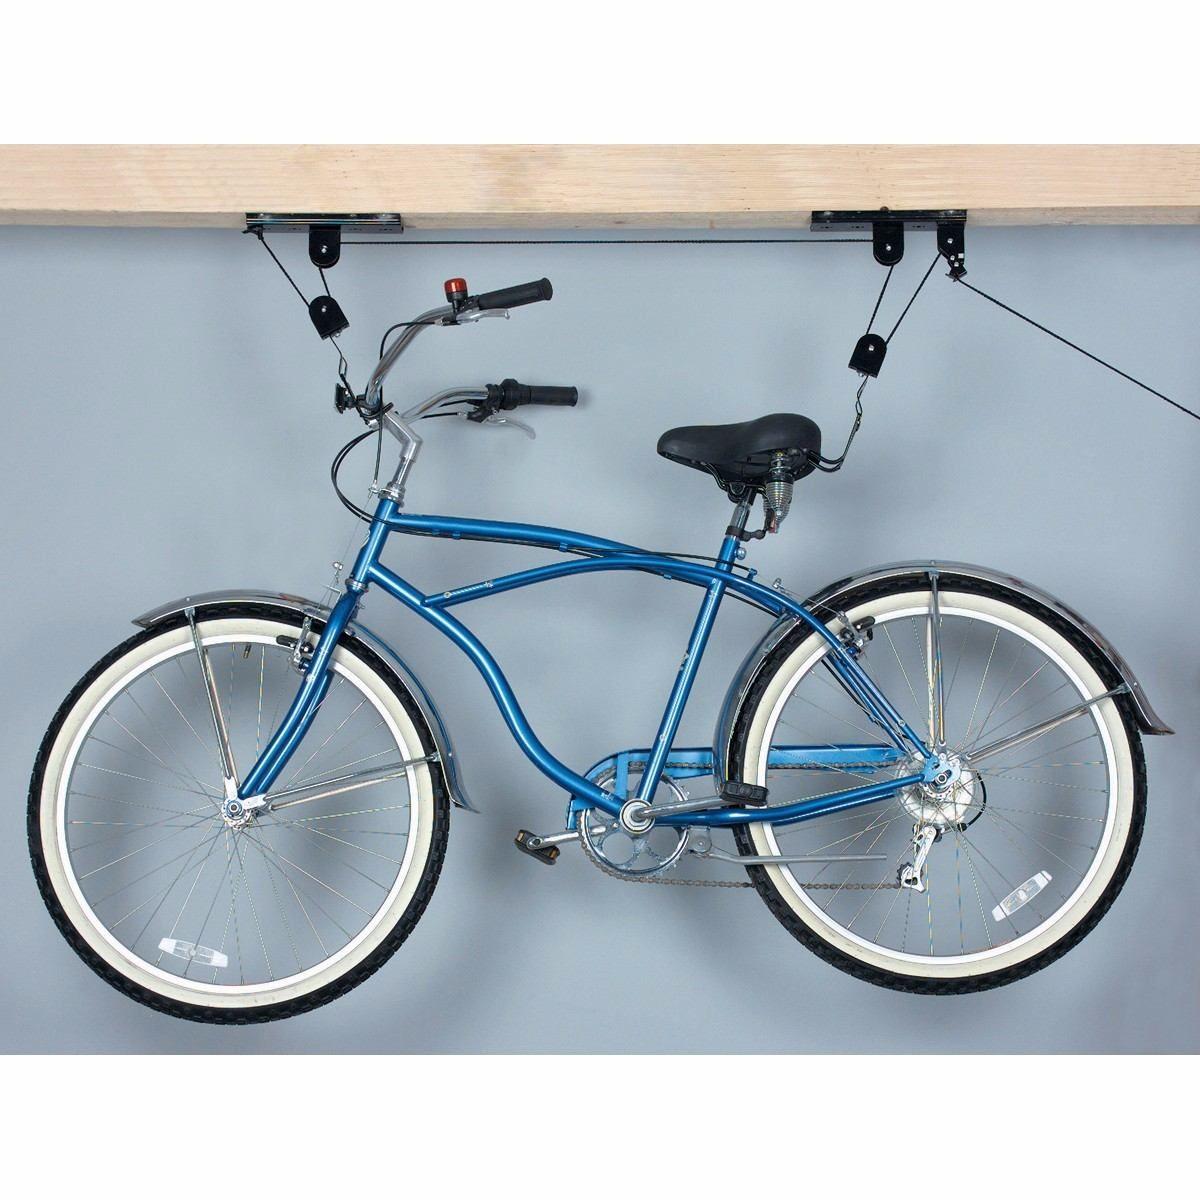 Rack Soporte Para Colgar Bicicleta De Ruta Y Mas Del Techo Bici - Colgar-bici-techo